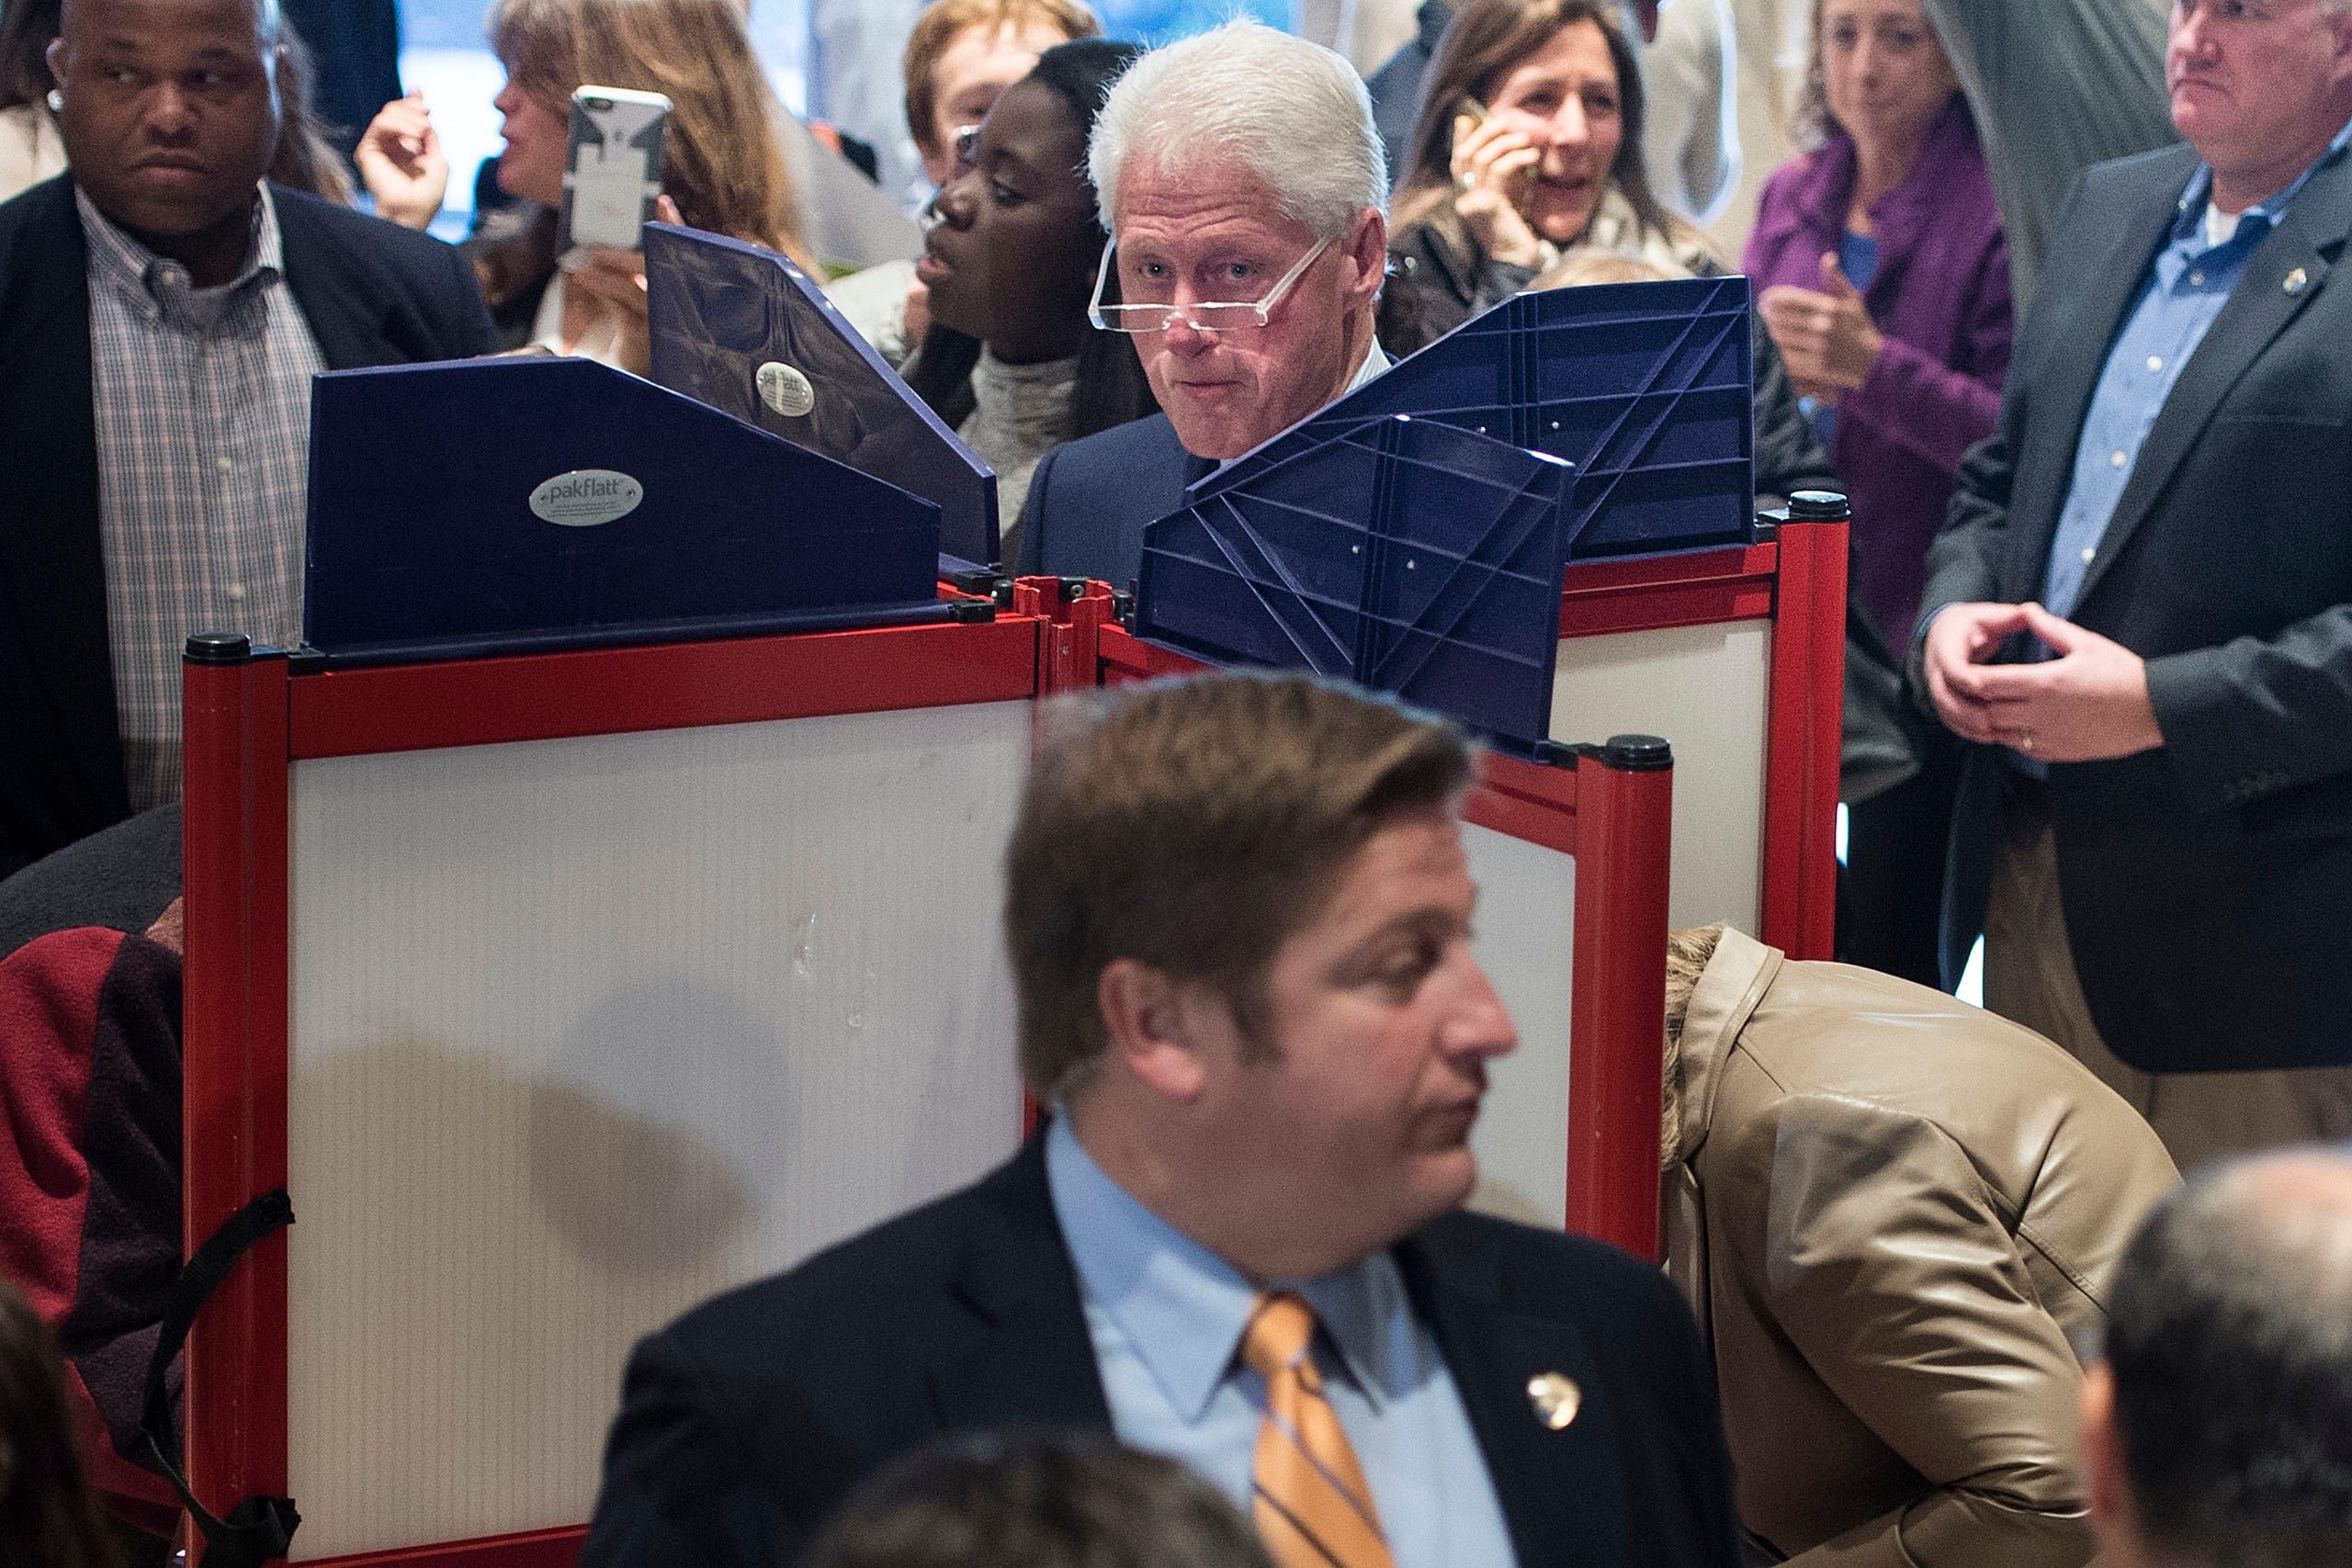 هیلاری کلینتون در حال پر کردن برگ رای و بیل کلینتون در تصویر